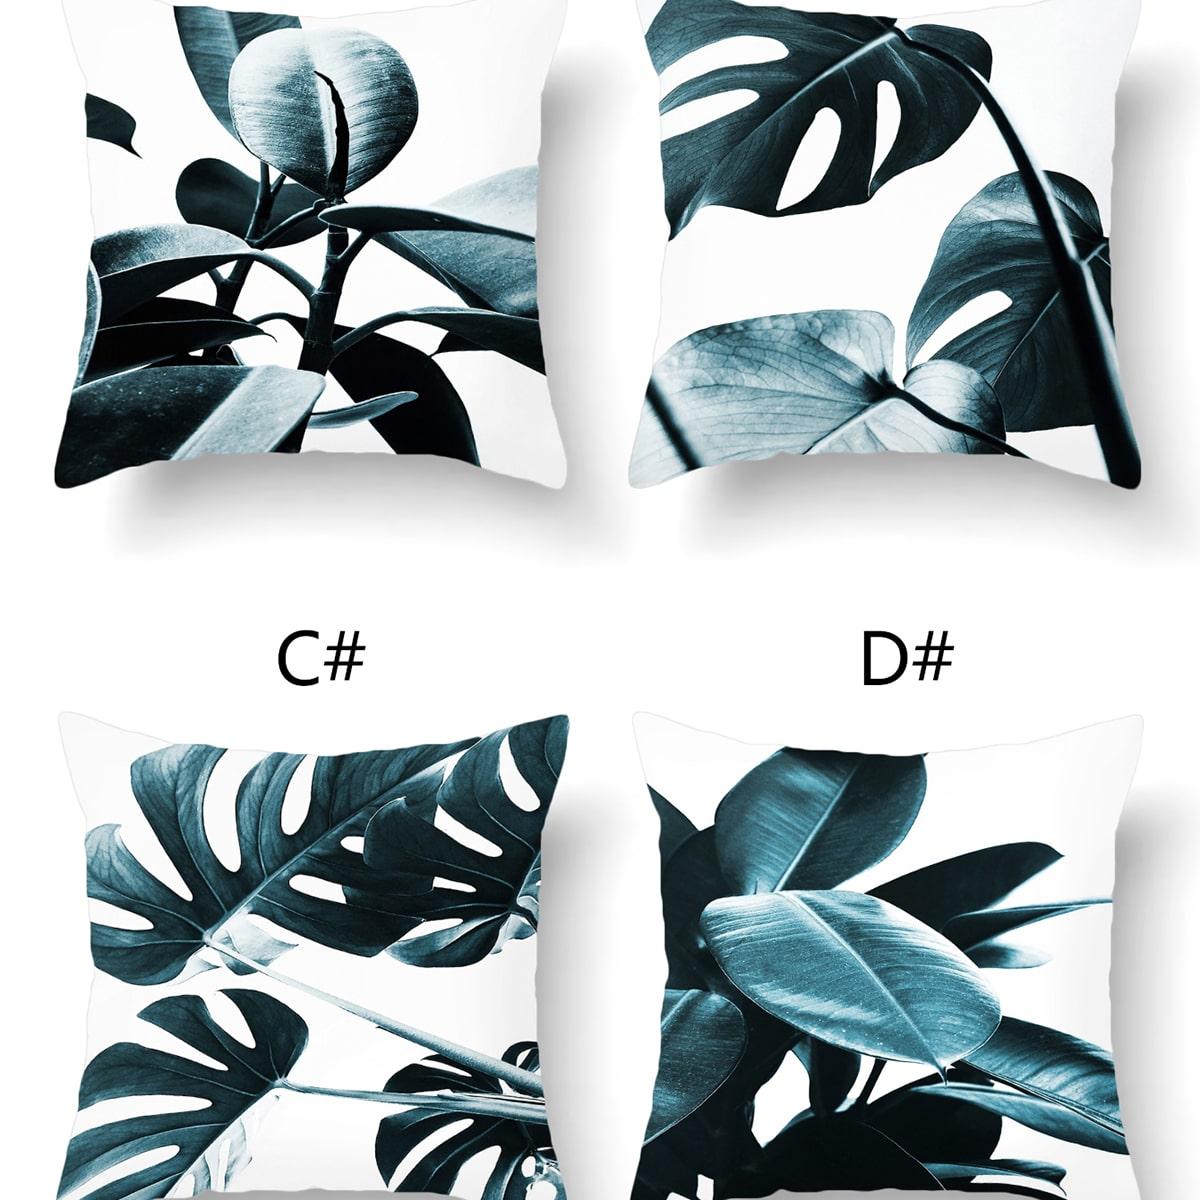 Чехол для подушки с лиственным принтом 1шт без наполнителя фото